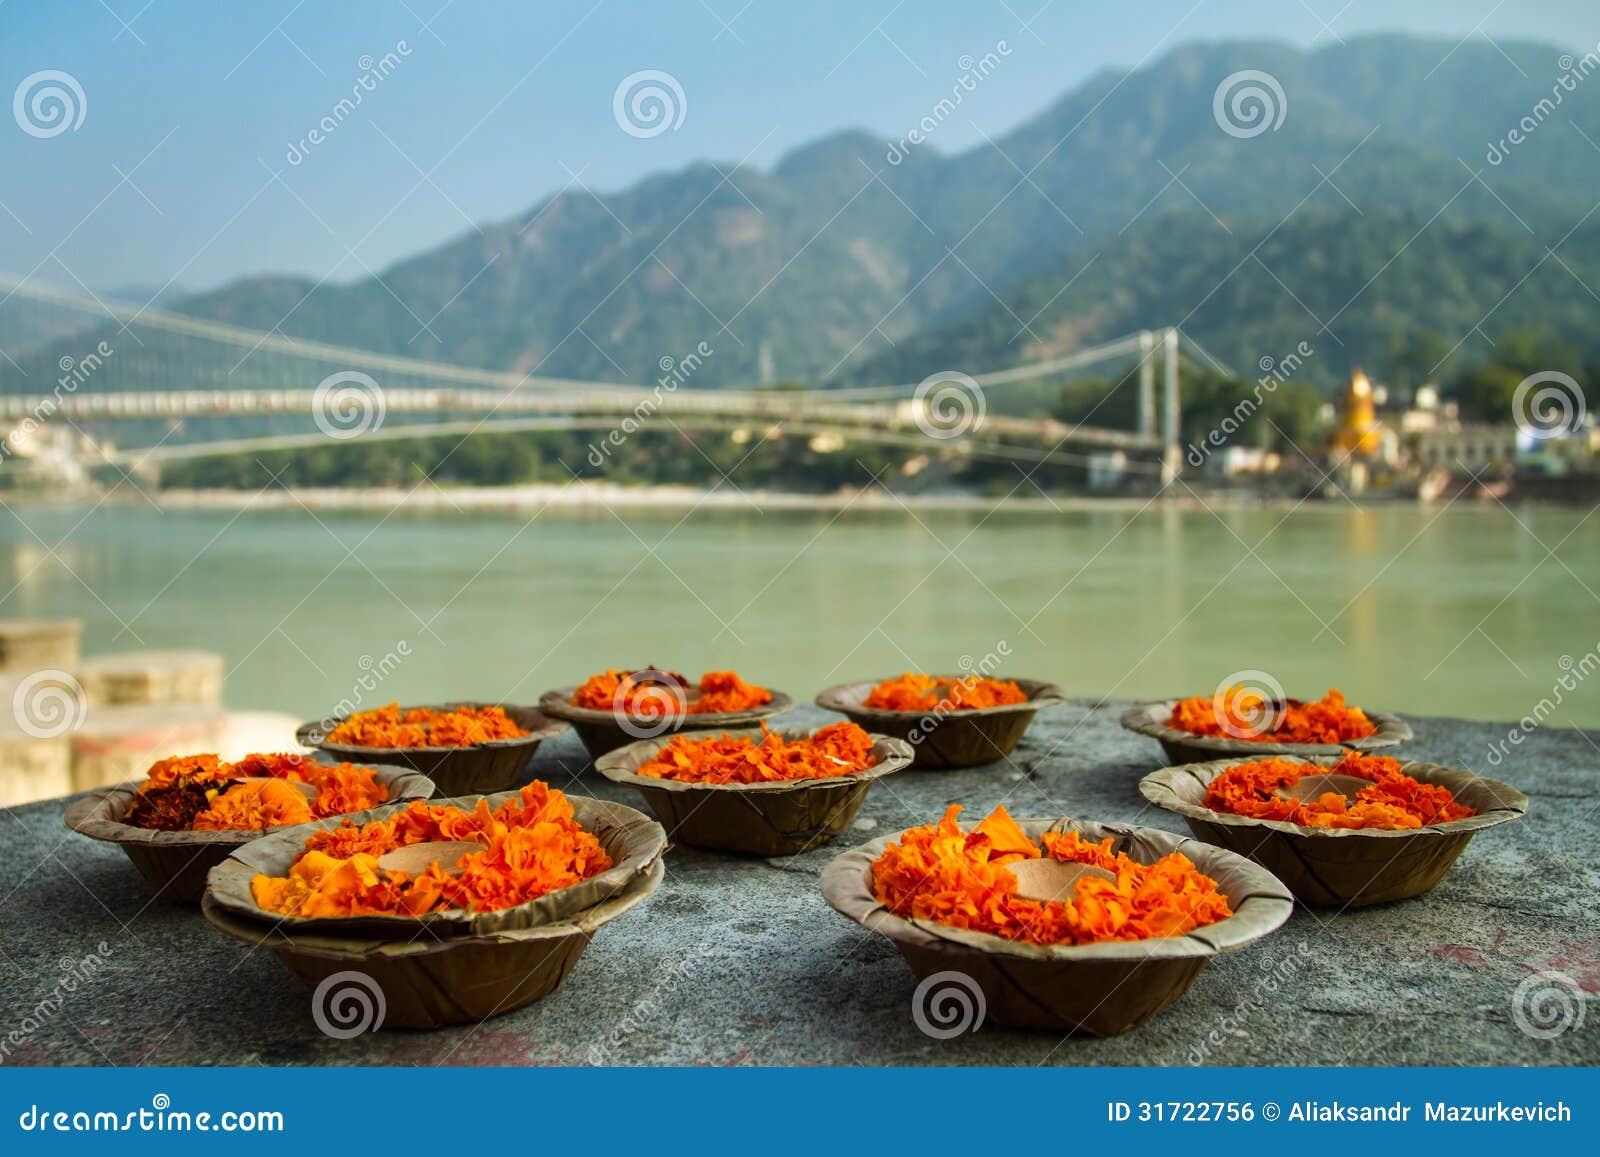 Puja fleurit l offre à la banque du Gange